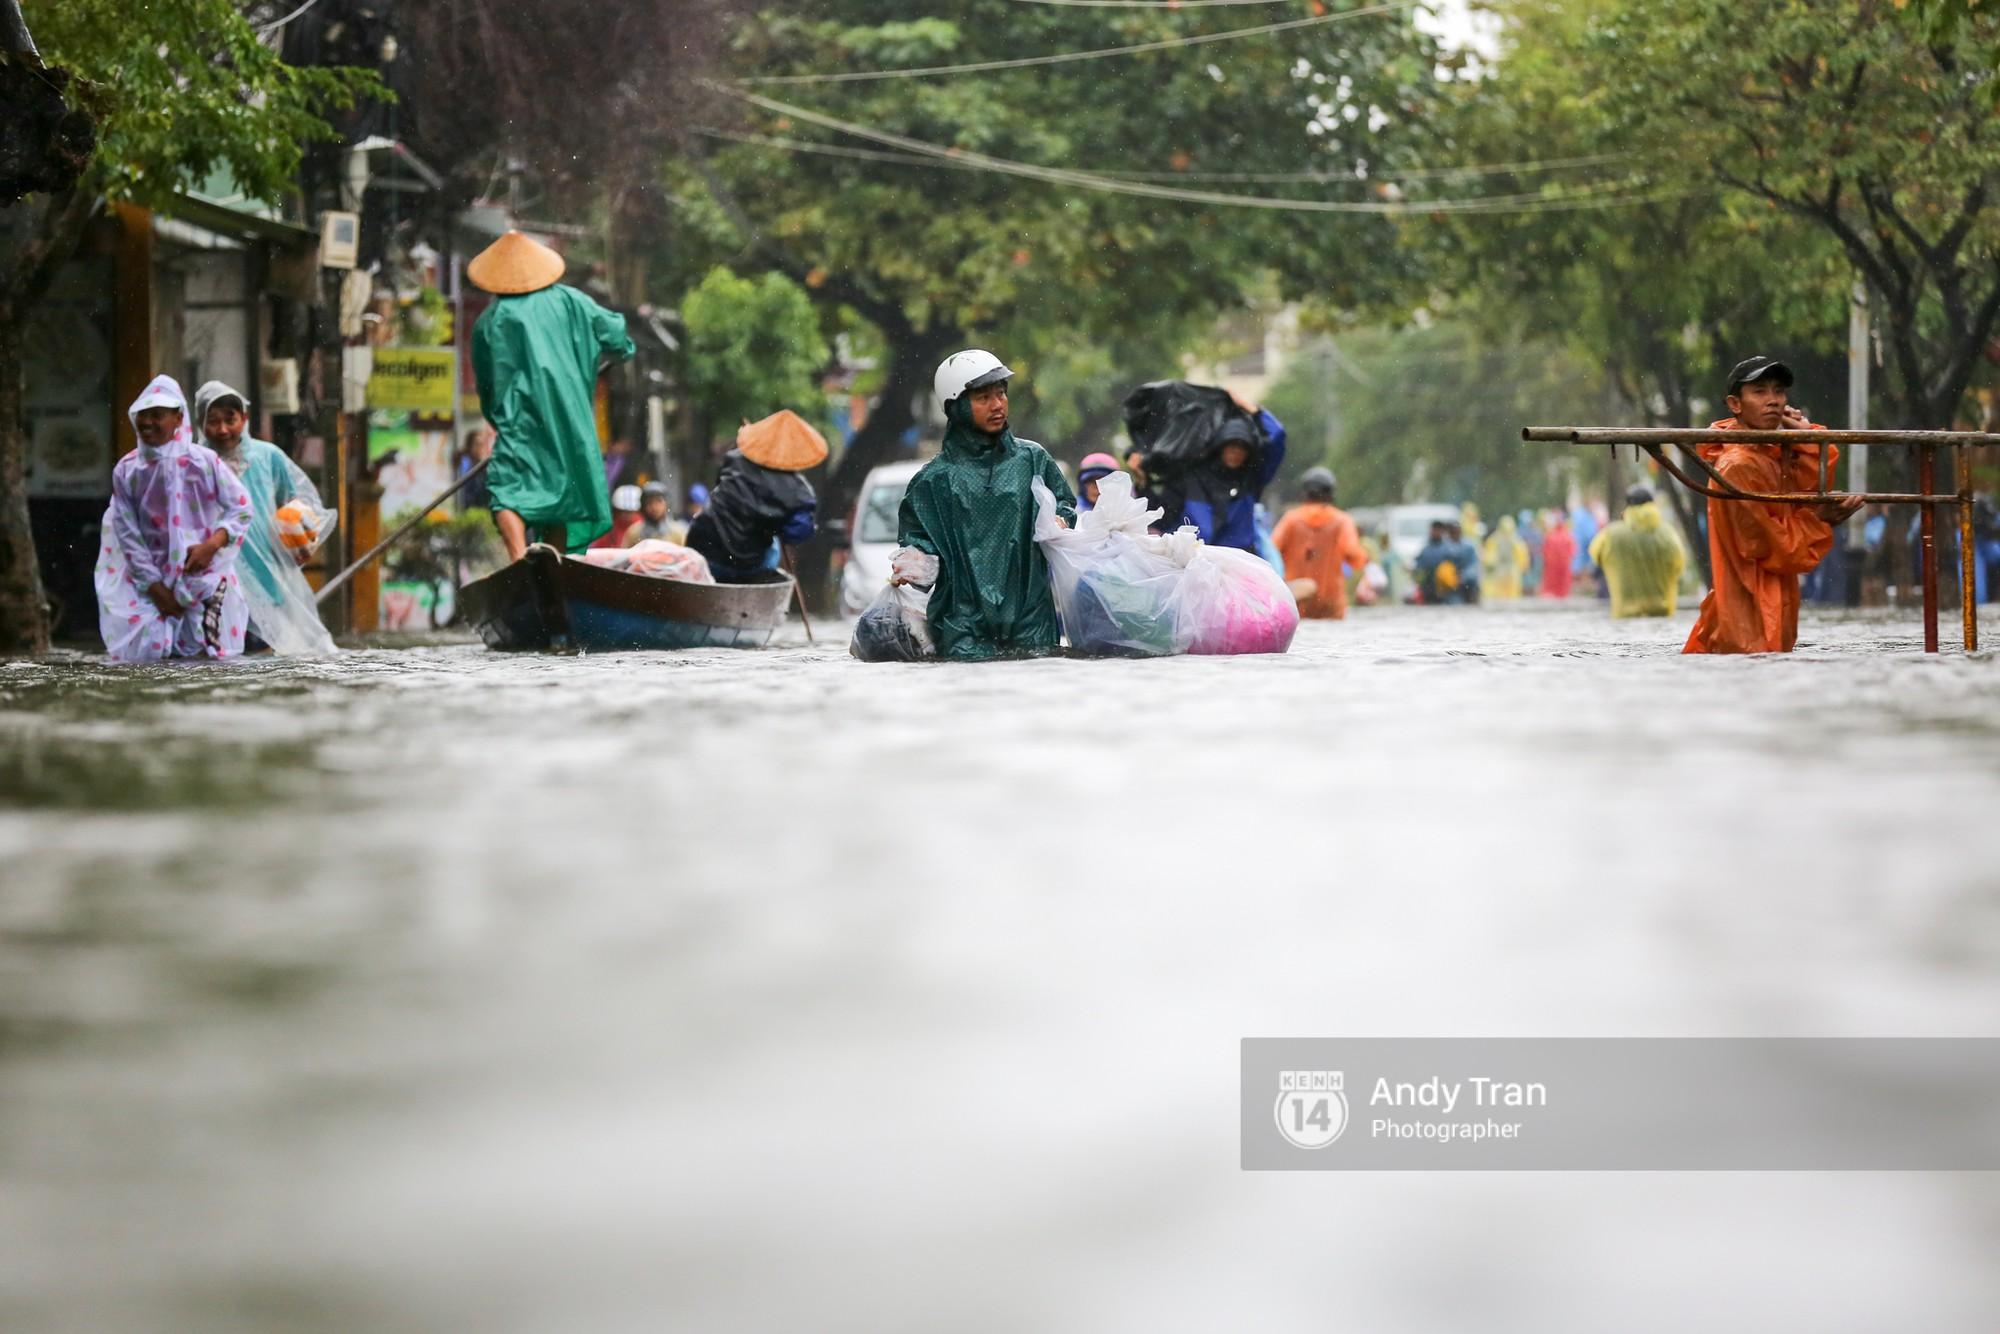 Chùm ảnh: Hội An nước ngập thành sông do ảnh hưởng của bão, người dân và du khách chật vật dùng thuyền bè di chuyển - Ảnh 14.